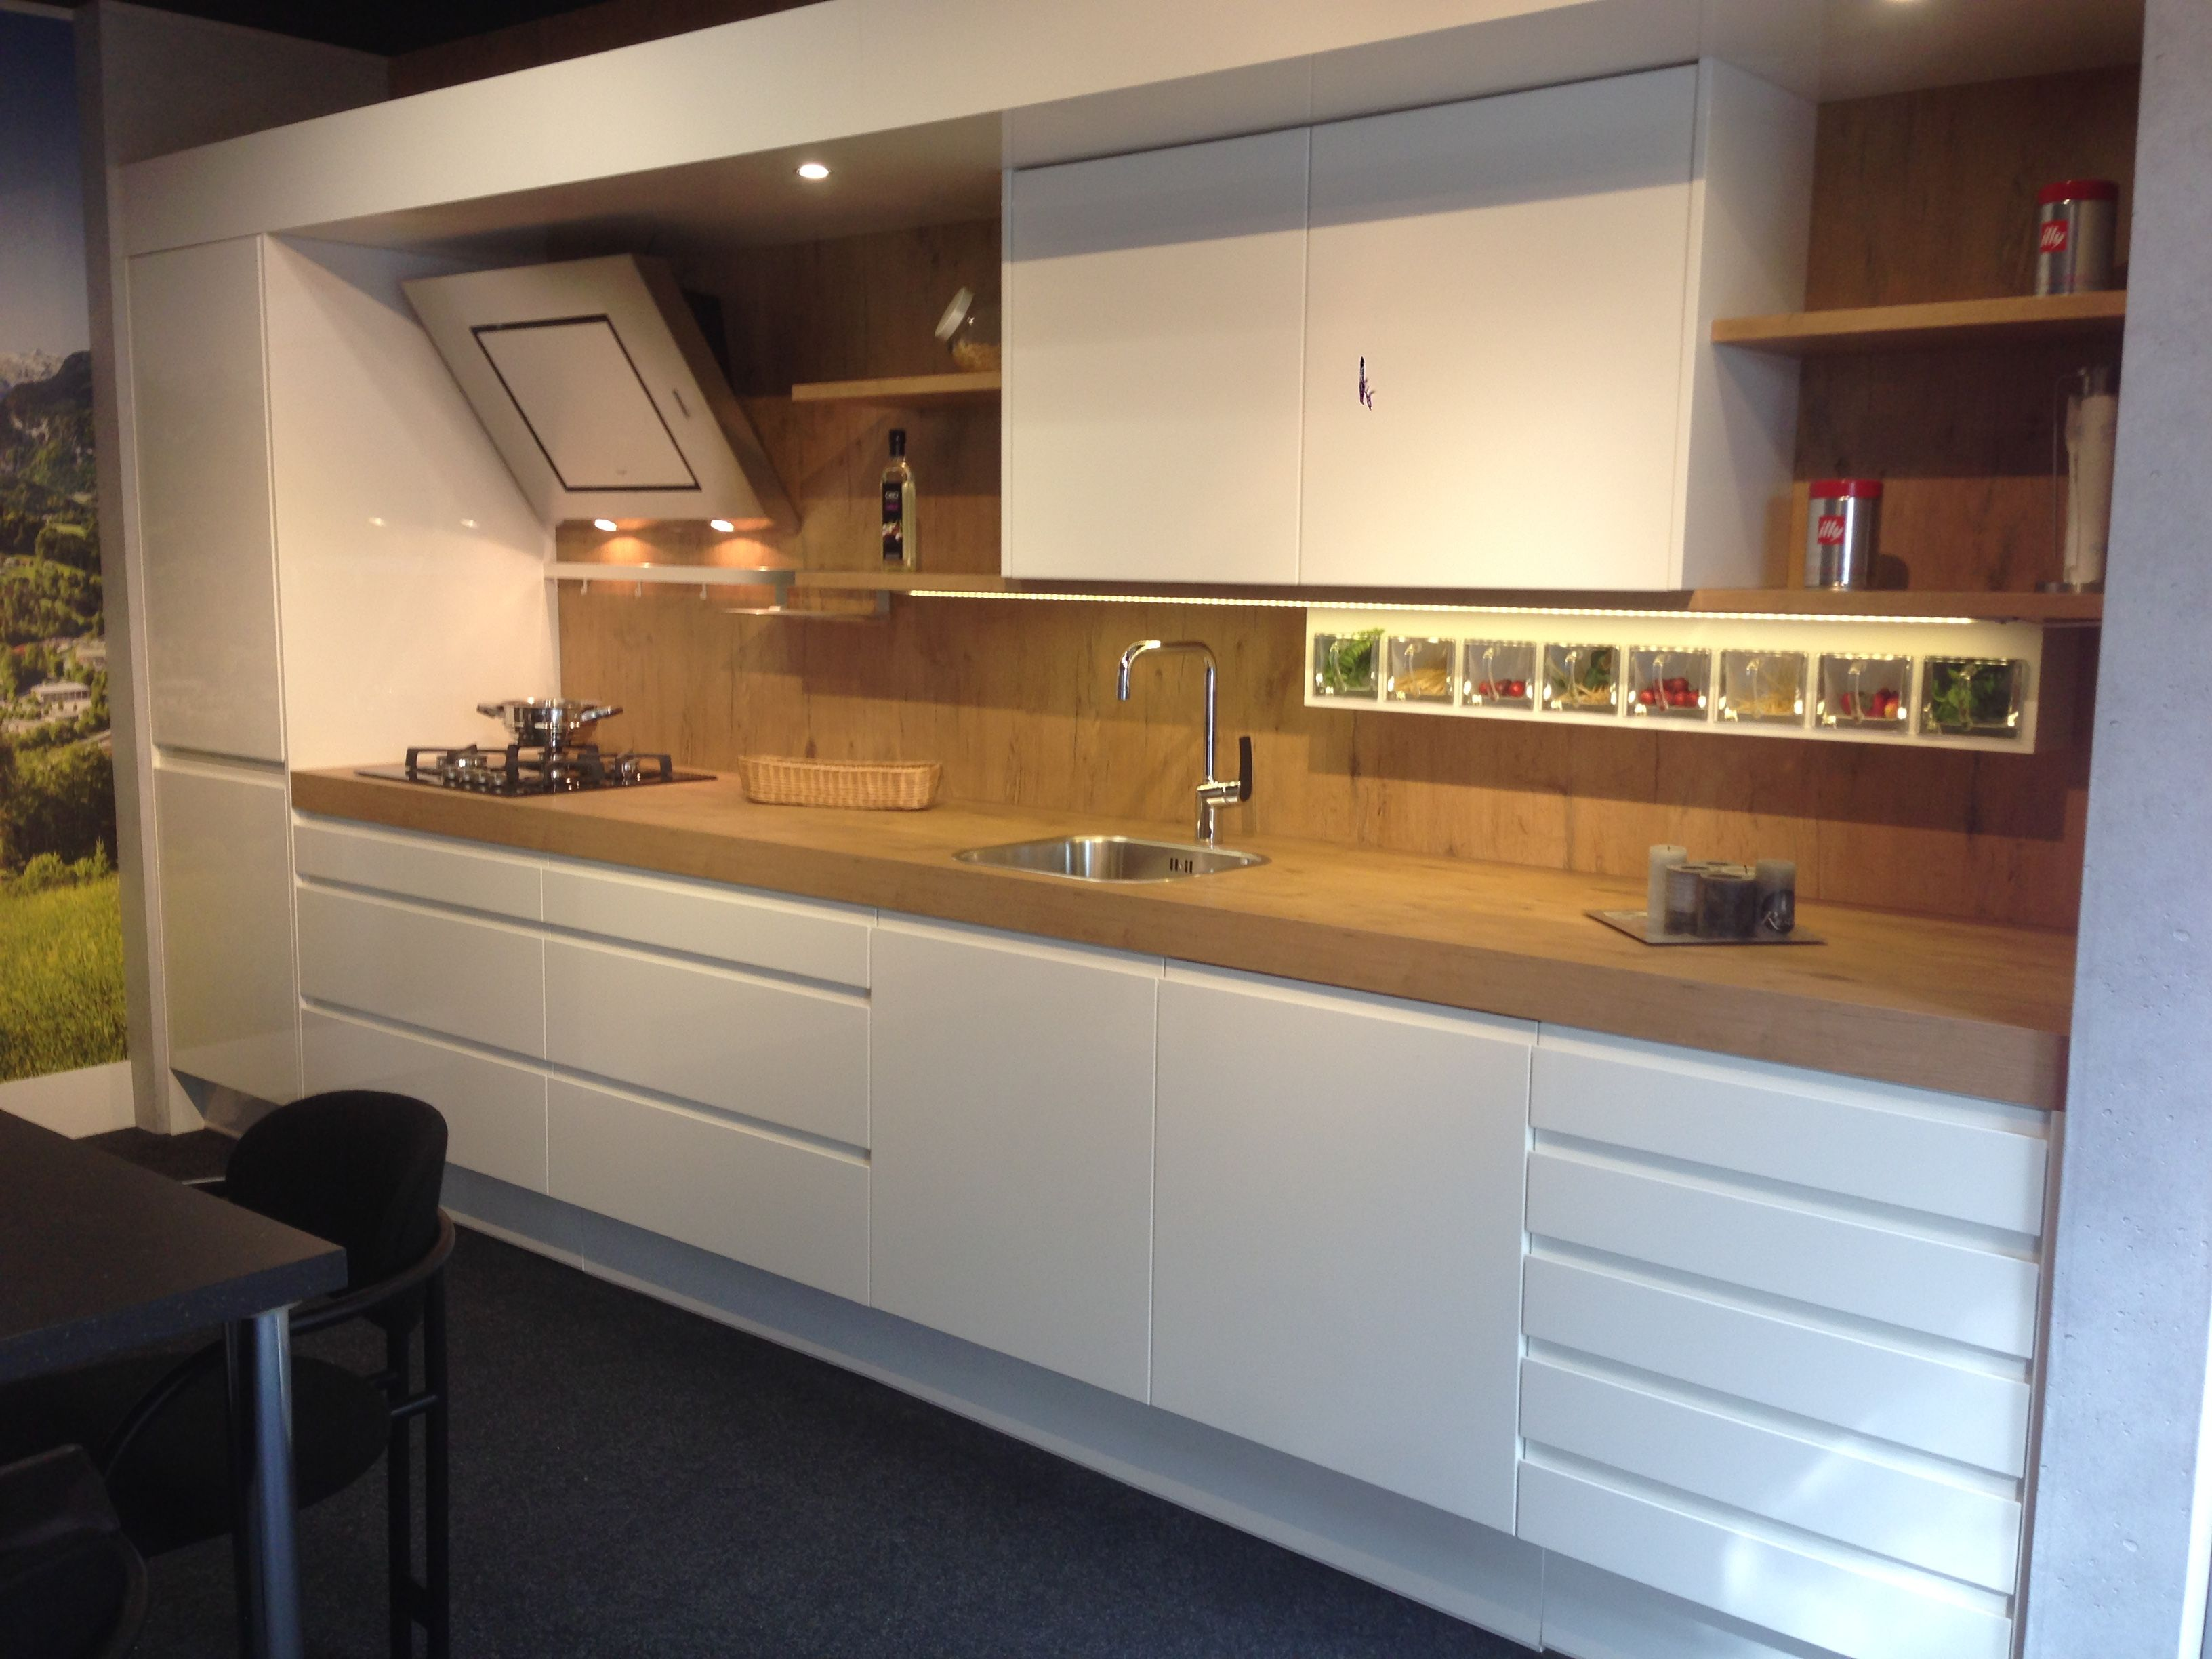 Witte greeploze keuken ontwerp van dankuchen warme houtaccenten